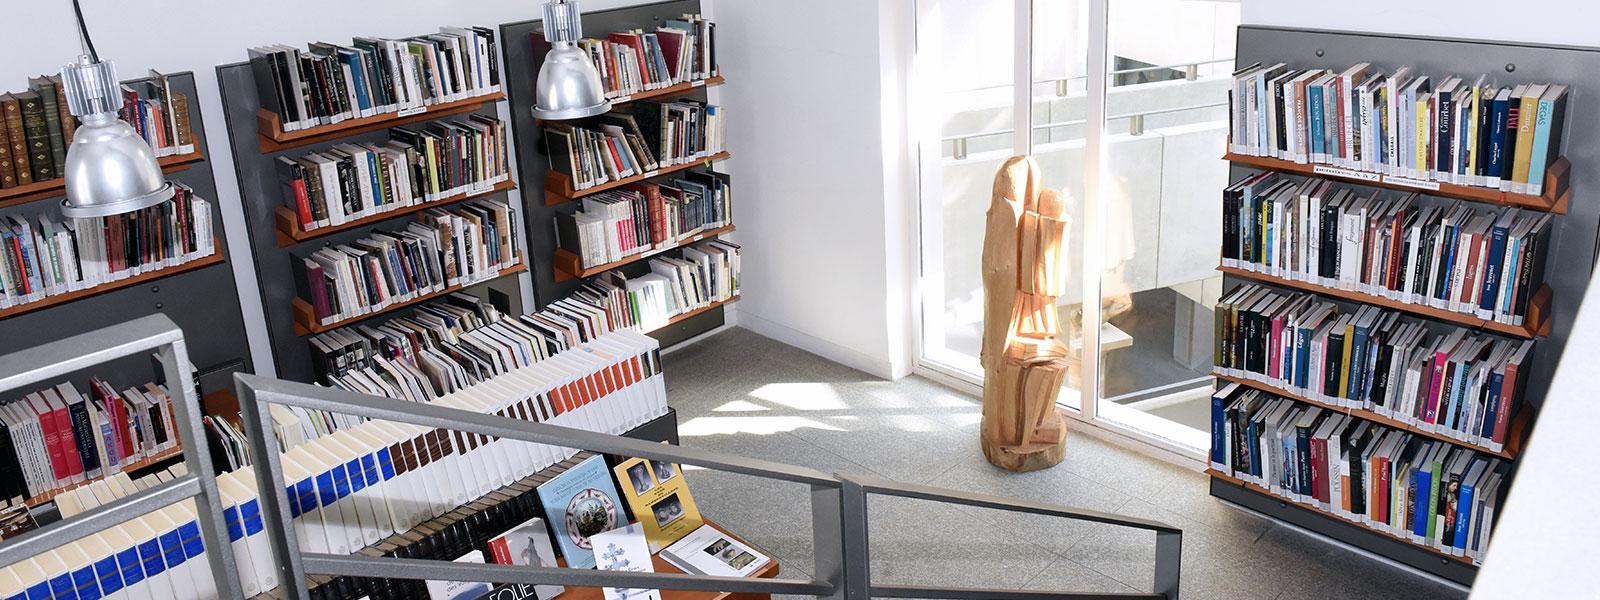 La bibliothèque du Musée